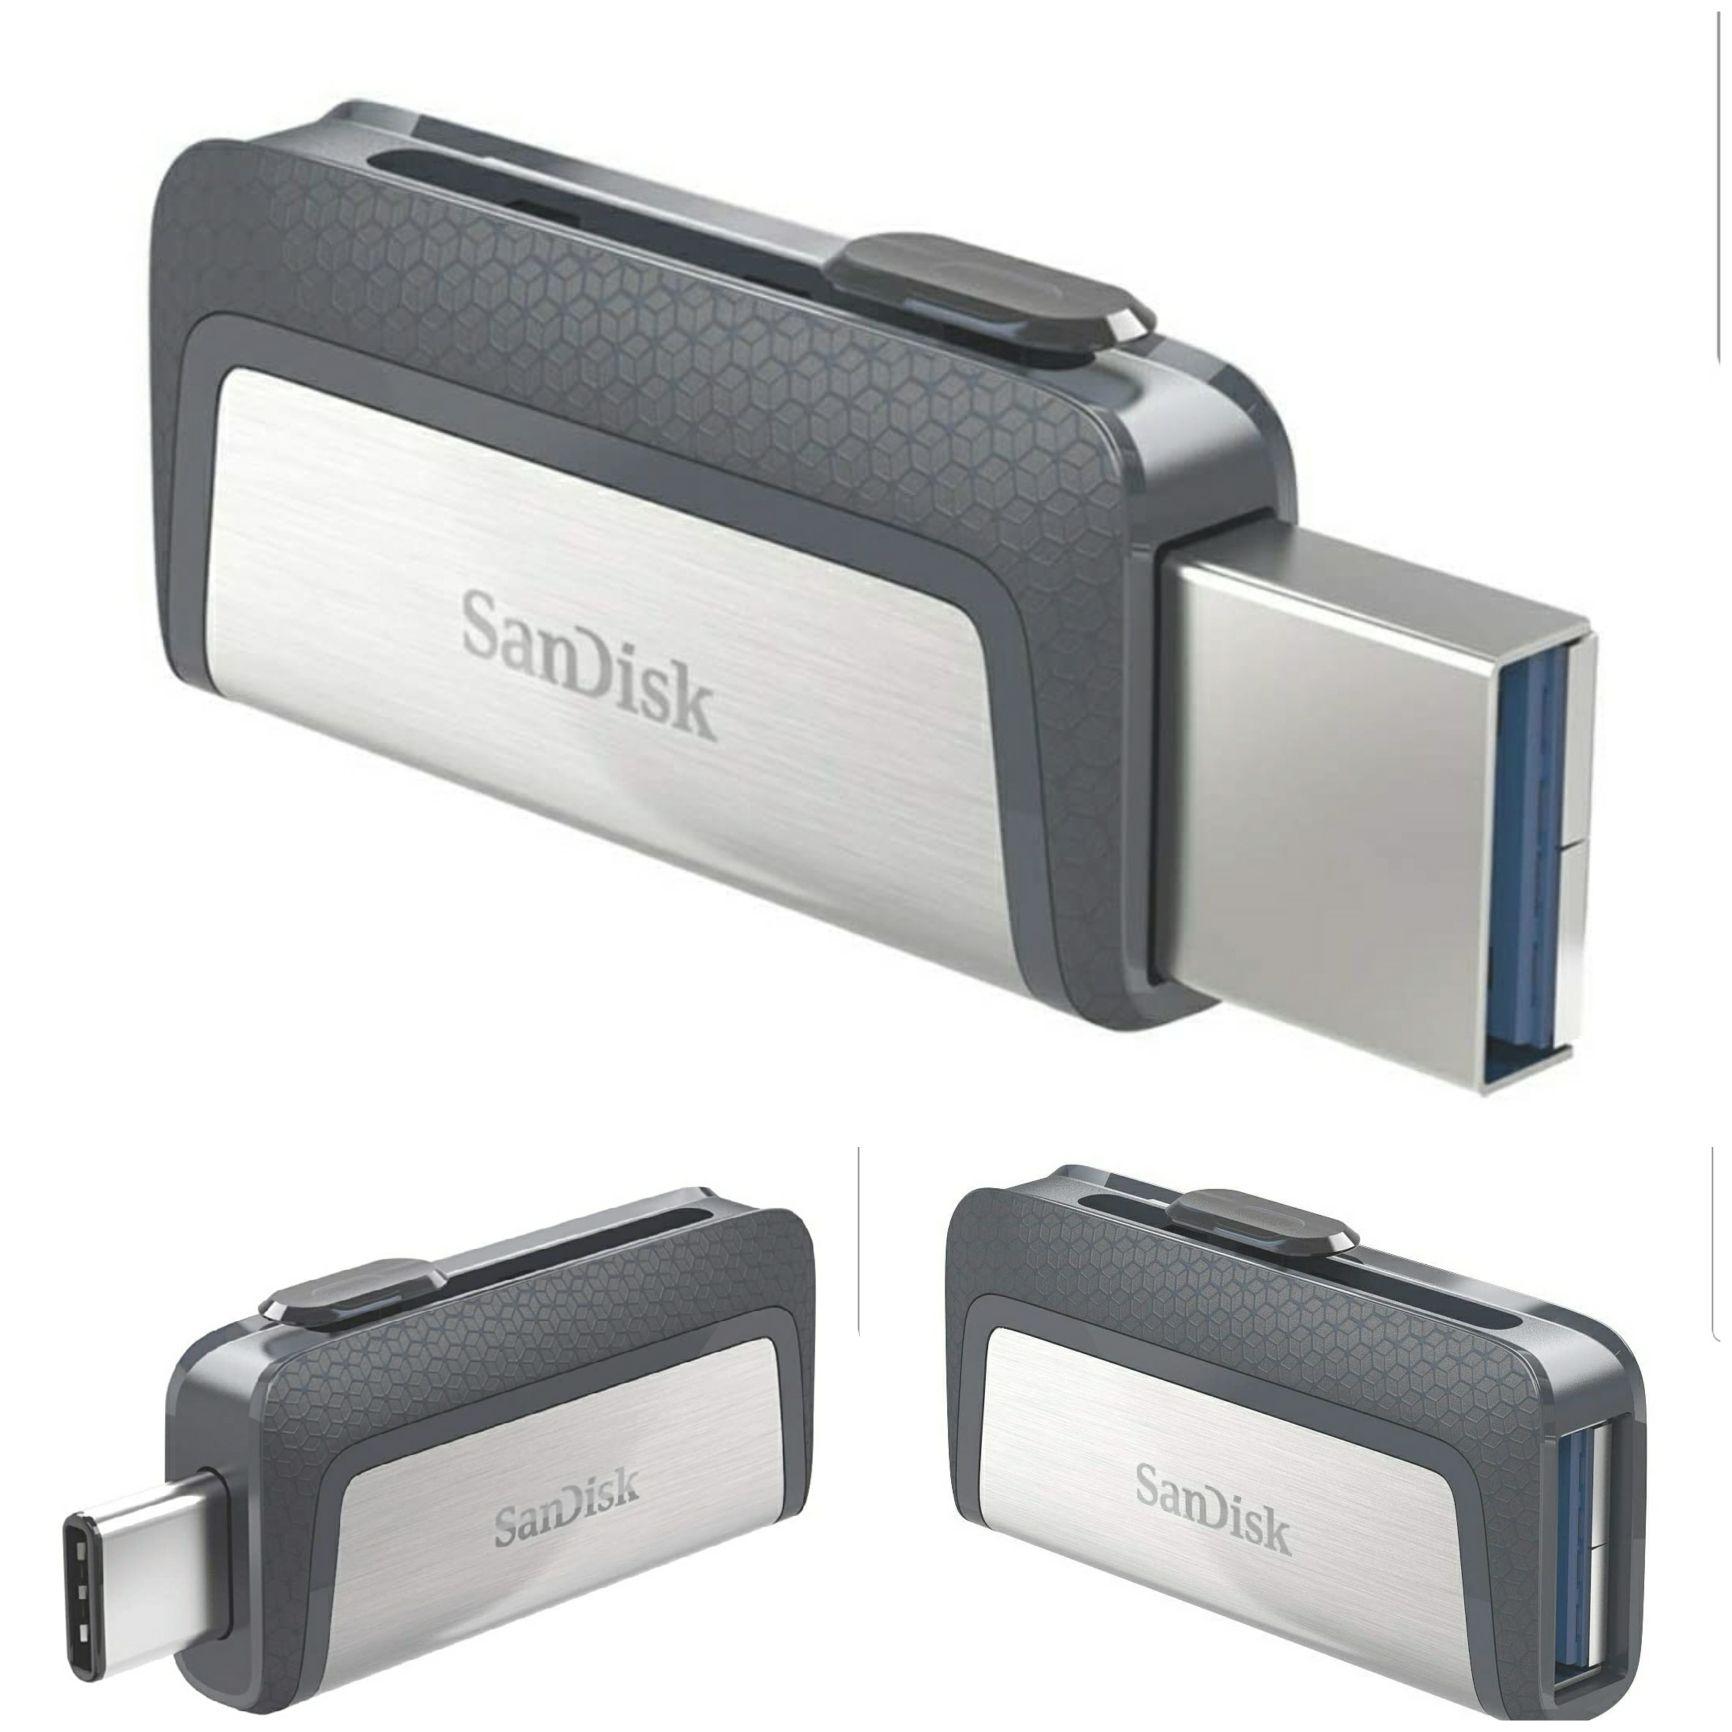 Amazon: Flash USB 3.1 Sandisk Dual Tipo C Ultra 256gb (Precio más bajo según Keepa)